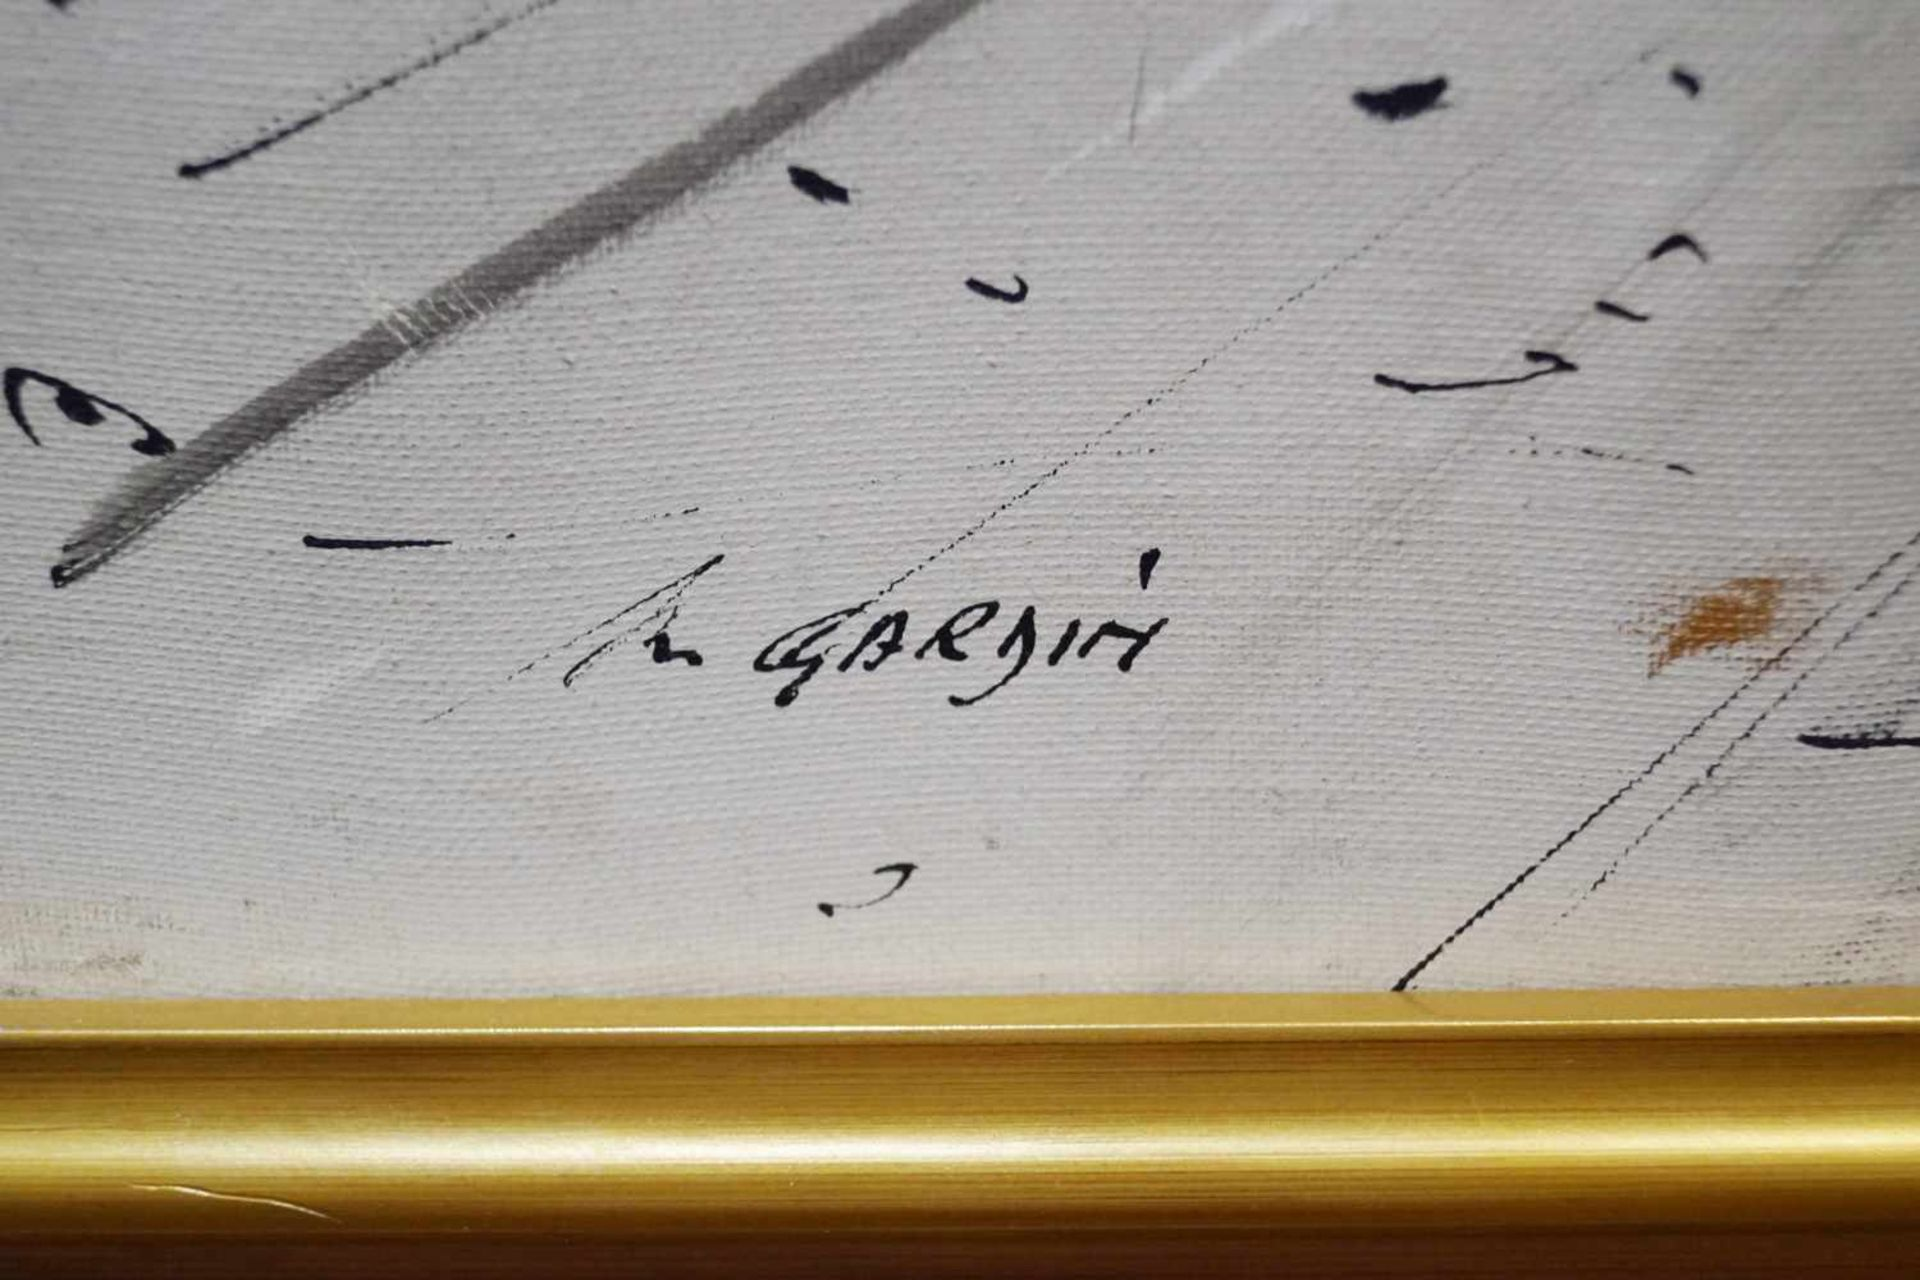 Pariser StraßenszeneÖl auf Leinwand, André Gardin (1918 - 1959), Höhe 73,5 cm x Breite 103,5 cm, 3 - Bild 2 aus 2